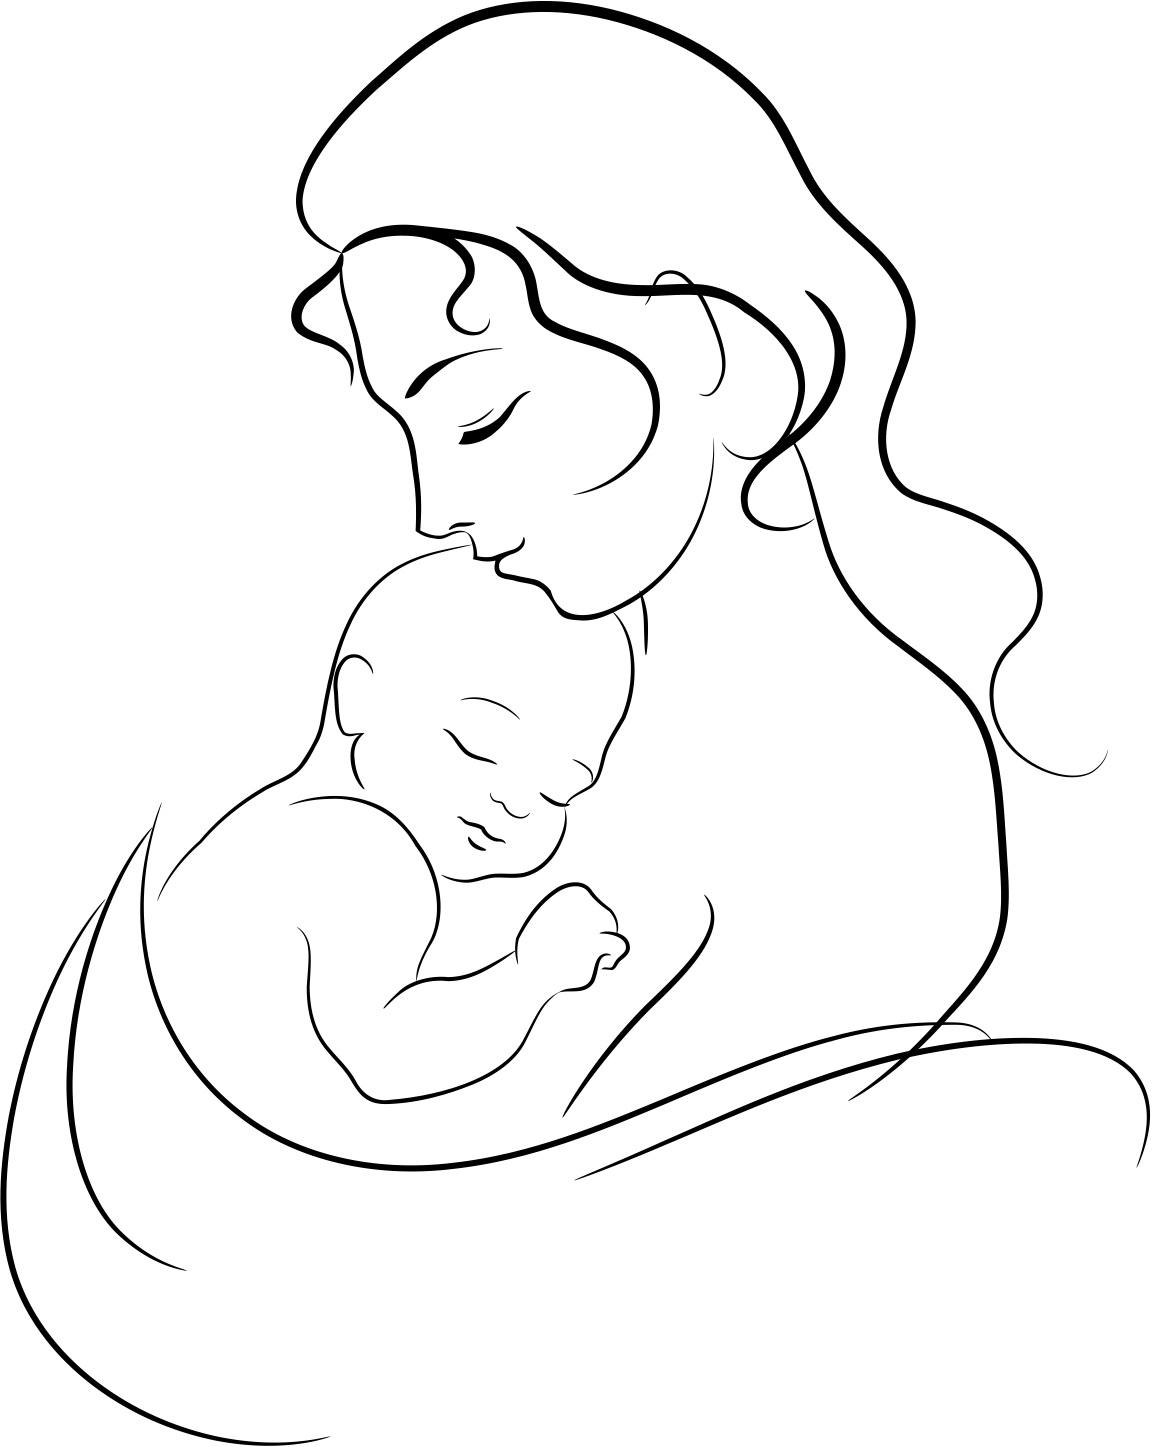 Моя судьба, нарисовать открытку с новорожденным простым карандашом